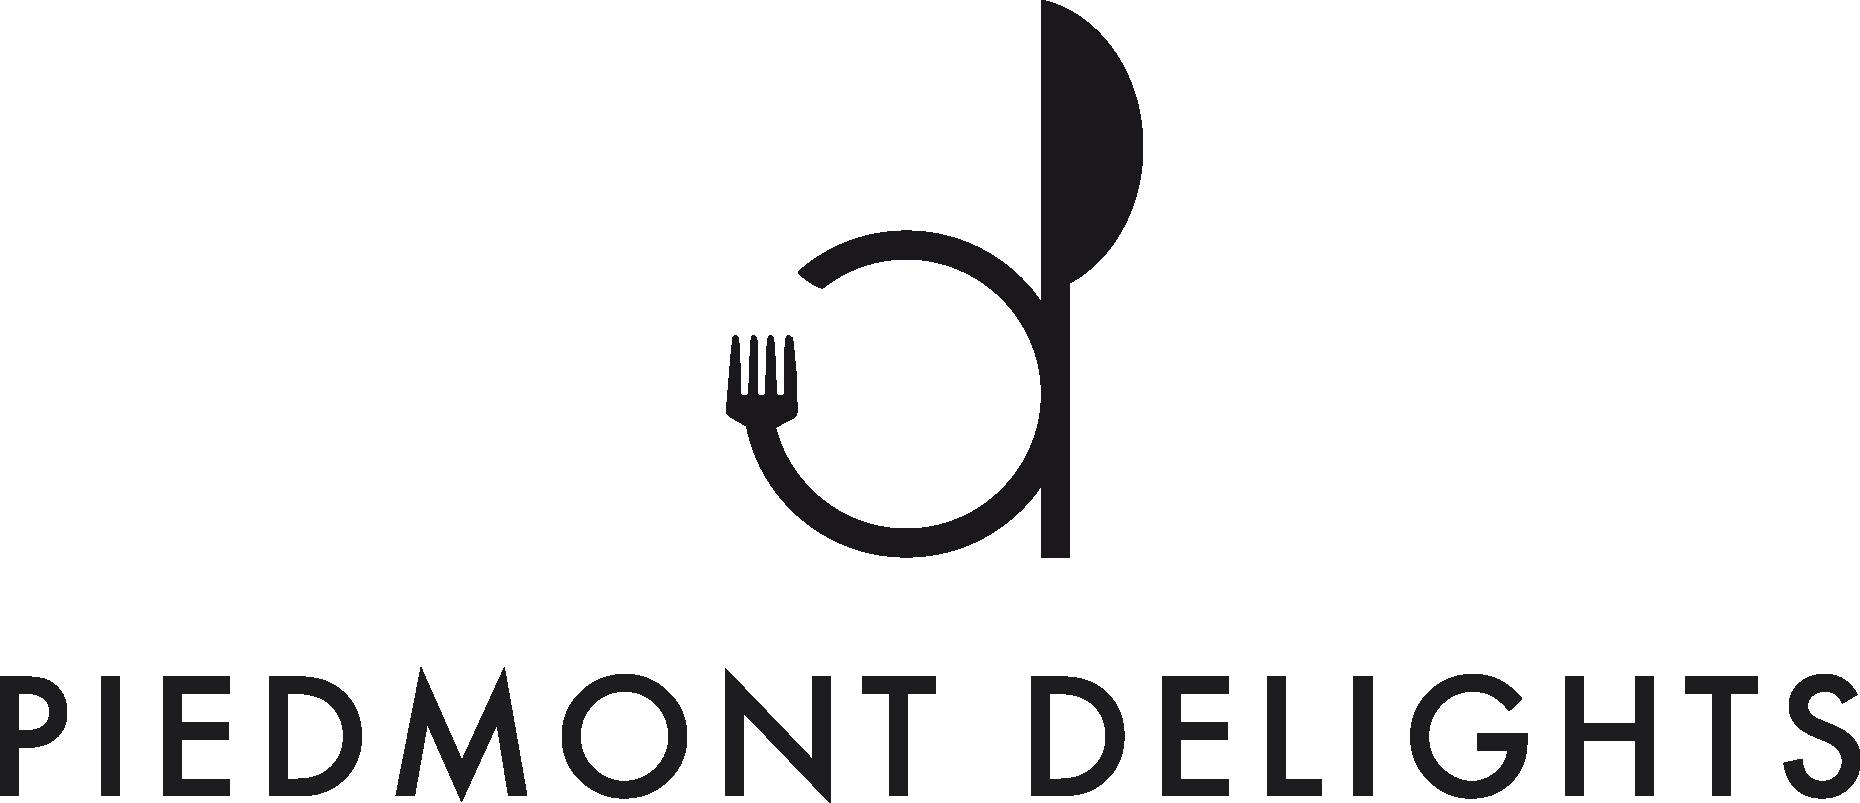 Piedmont Delights